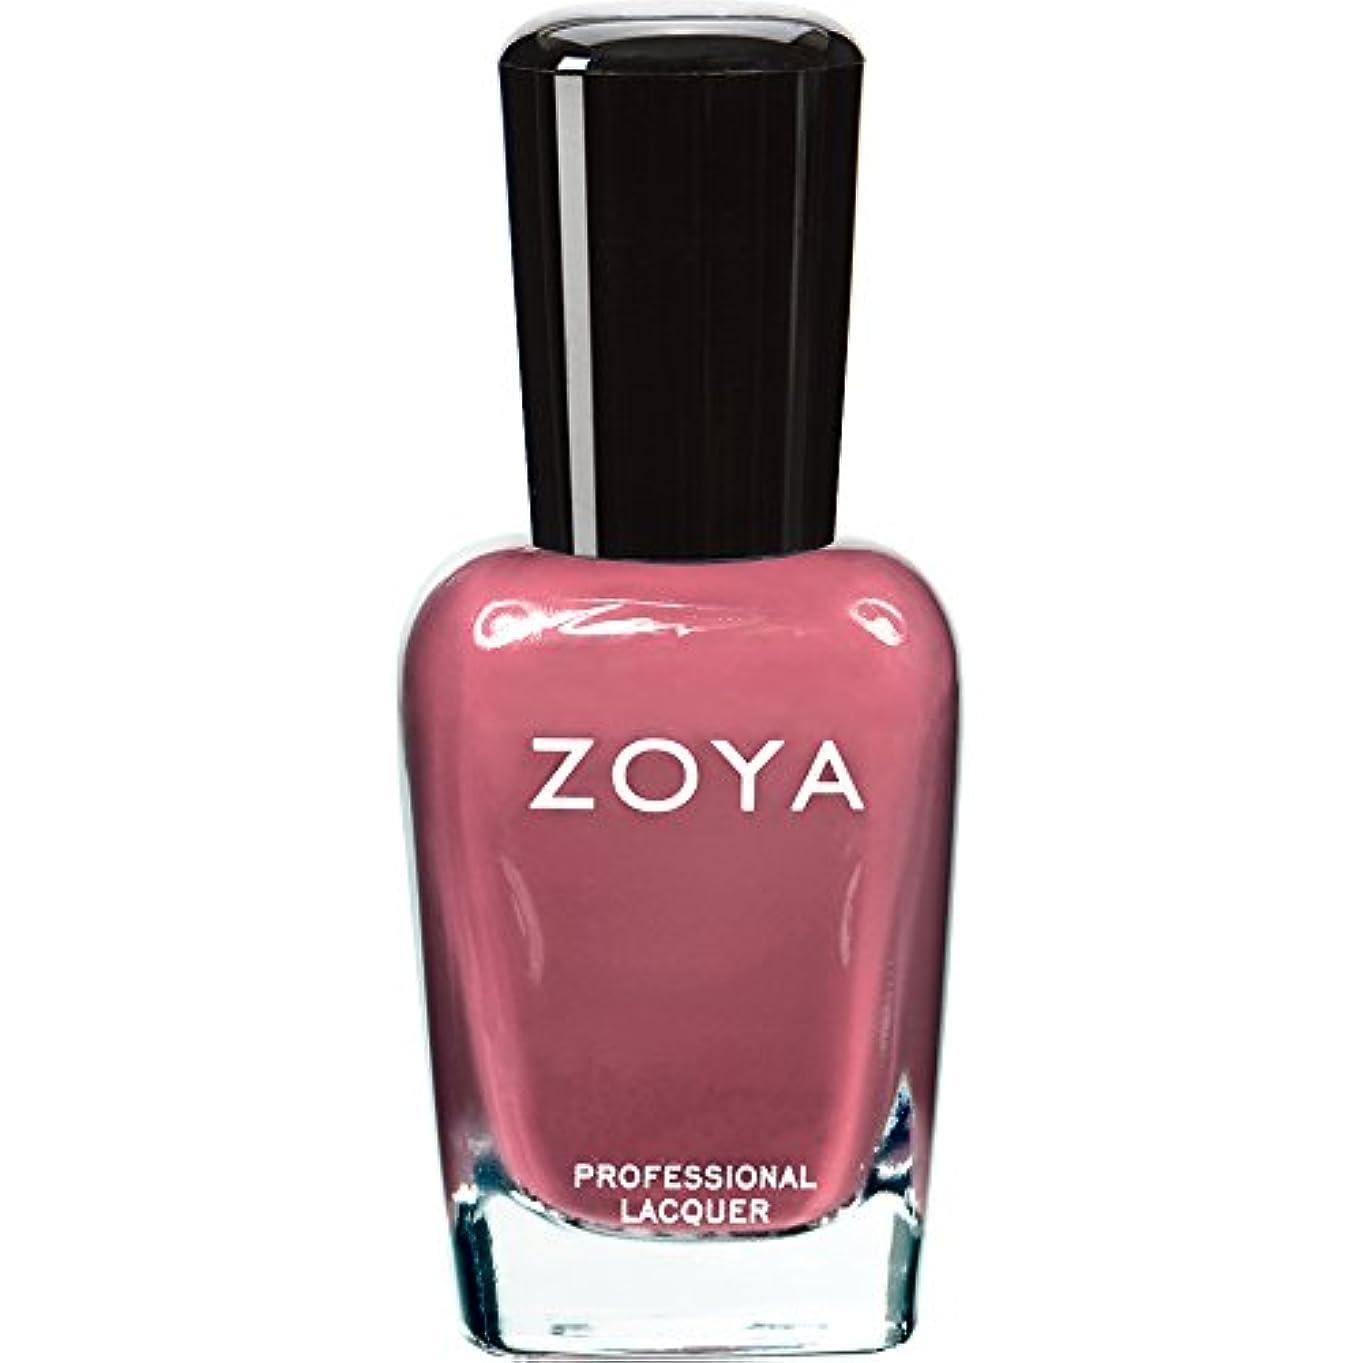 パワーコマンドの頭の上ZOYA ゾーヤ ネイルカラー ZP422 COCO ココ 15ml なめらかな深いモーブ マット 爪にやさしいネイルラッカーマニキュア